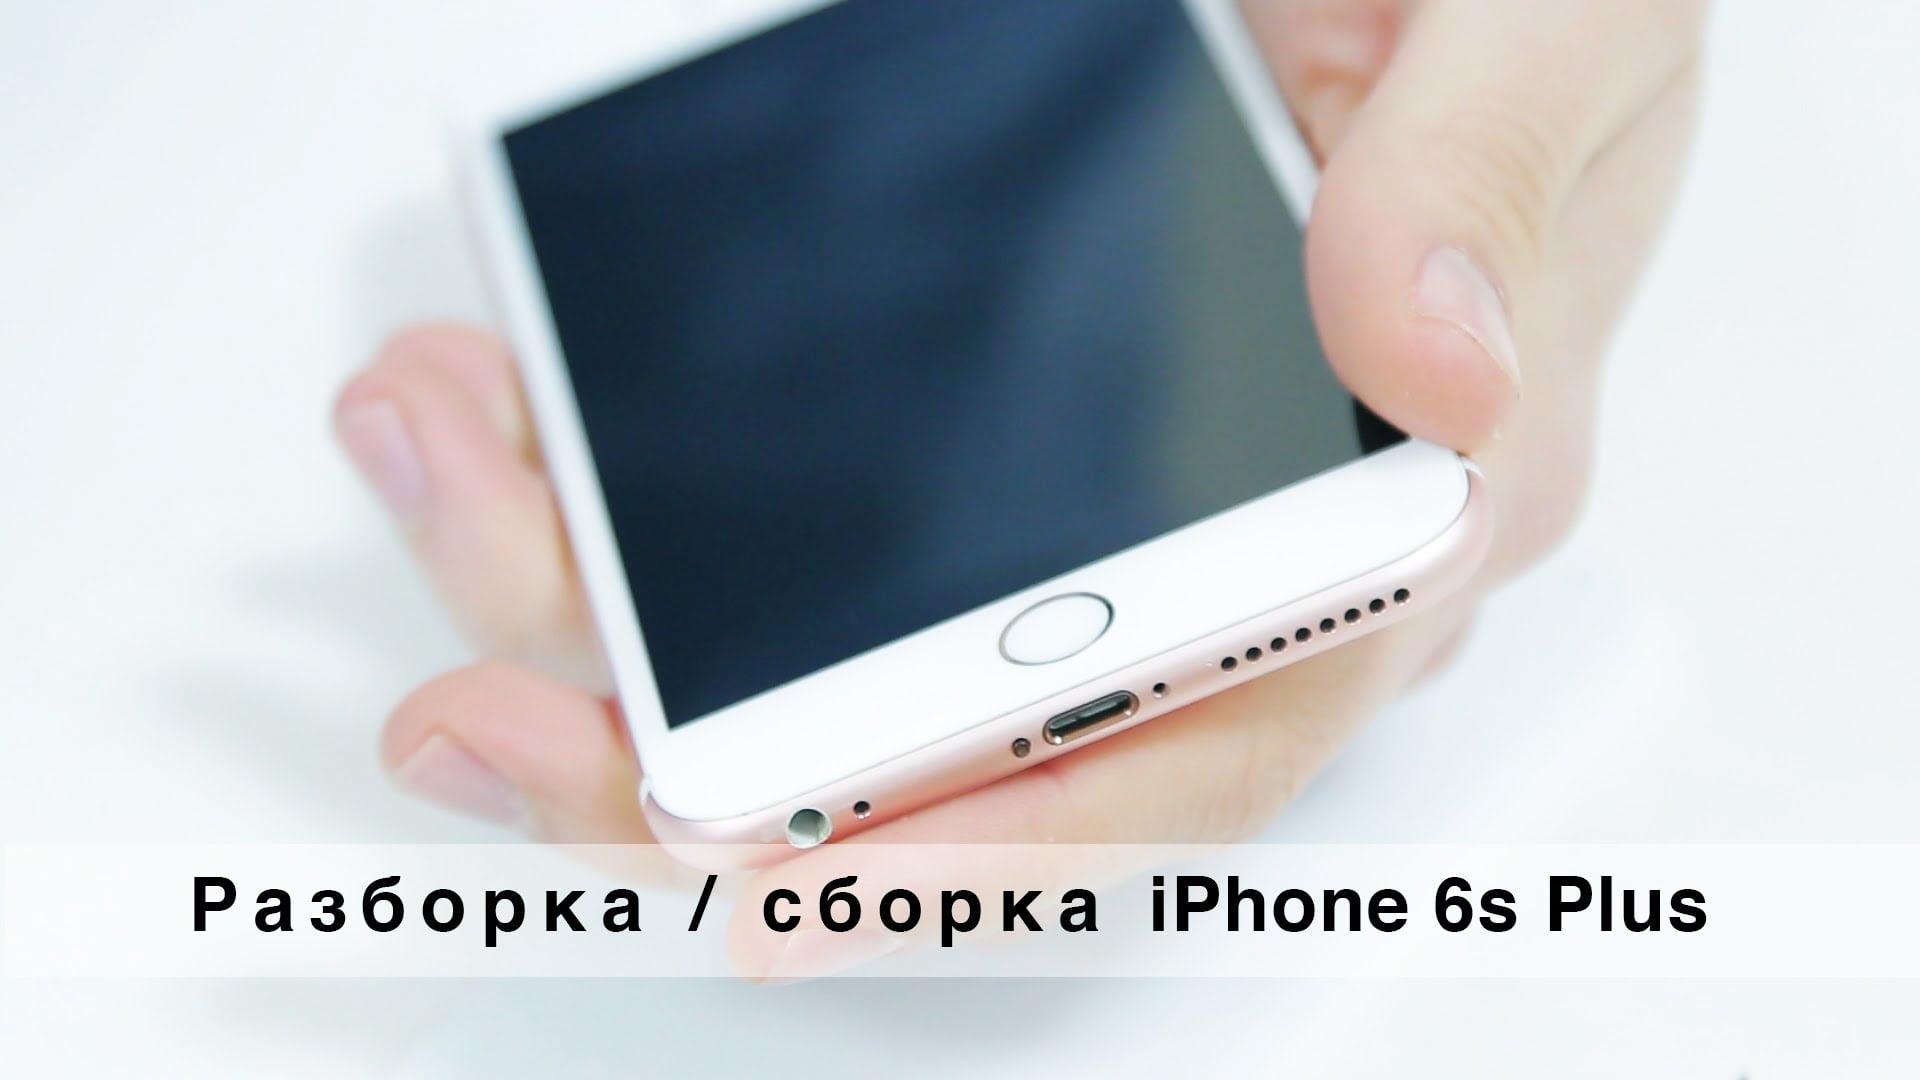 Полная разборка iPhone 6s Plus | Как самому разобрать айфон